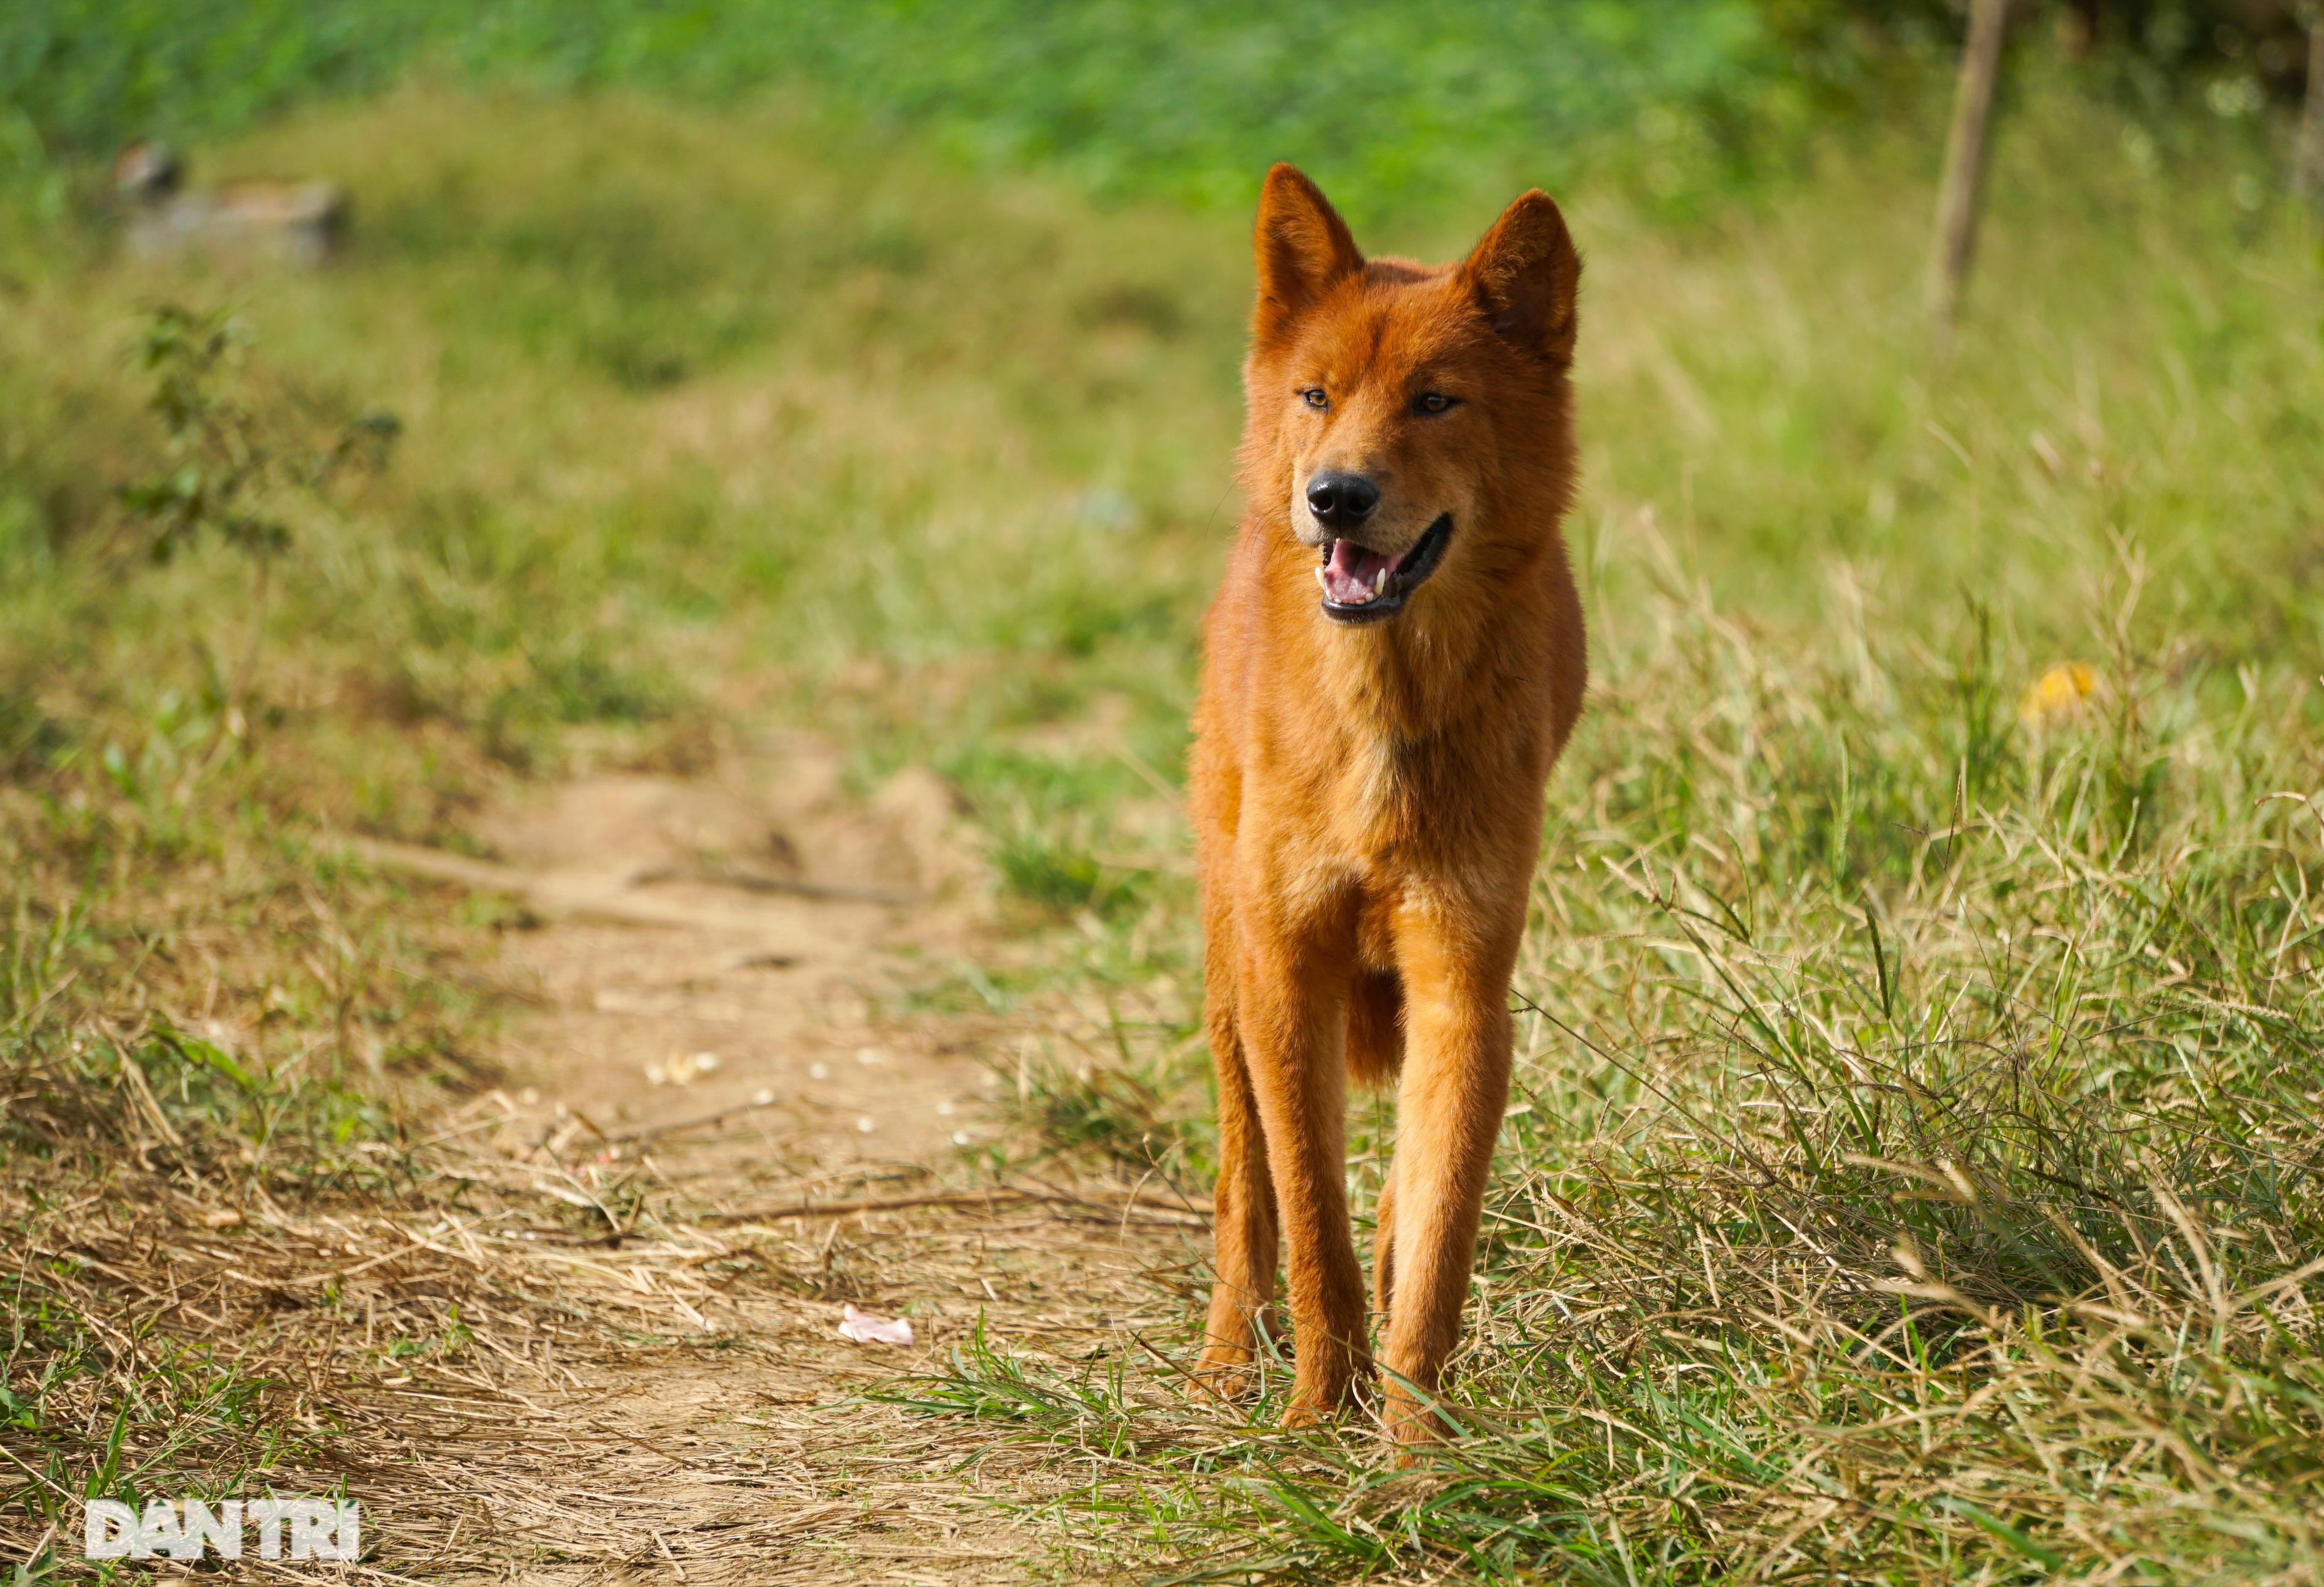 Hồi sinh giống chó săn cổ quý hiếm lừng danh đất Việt - 3